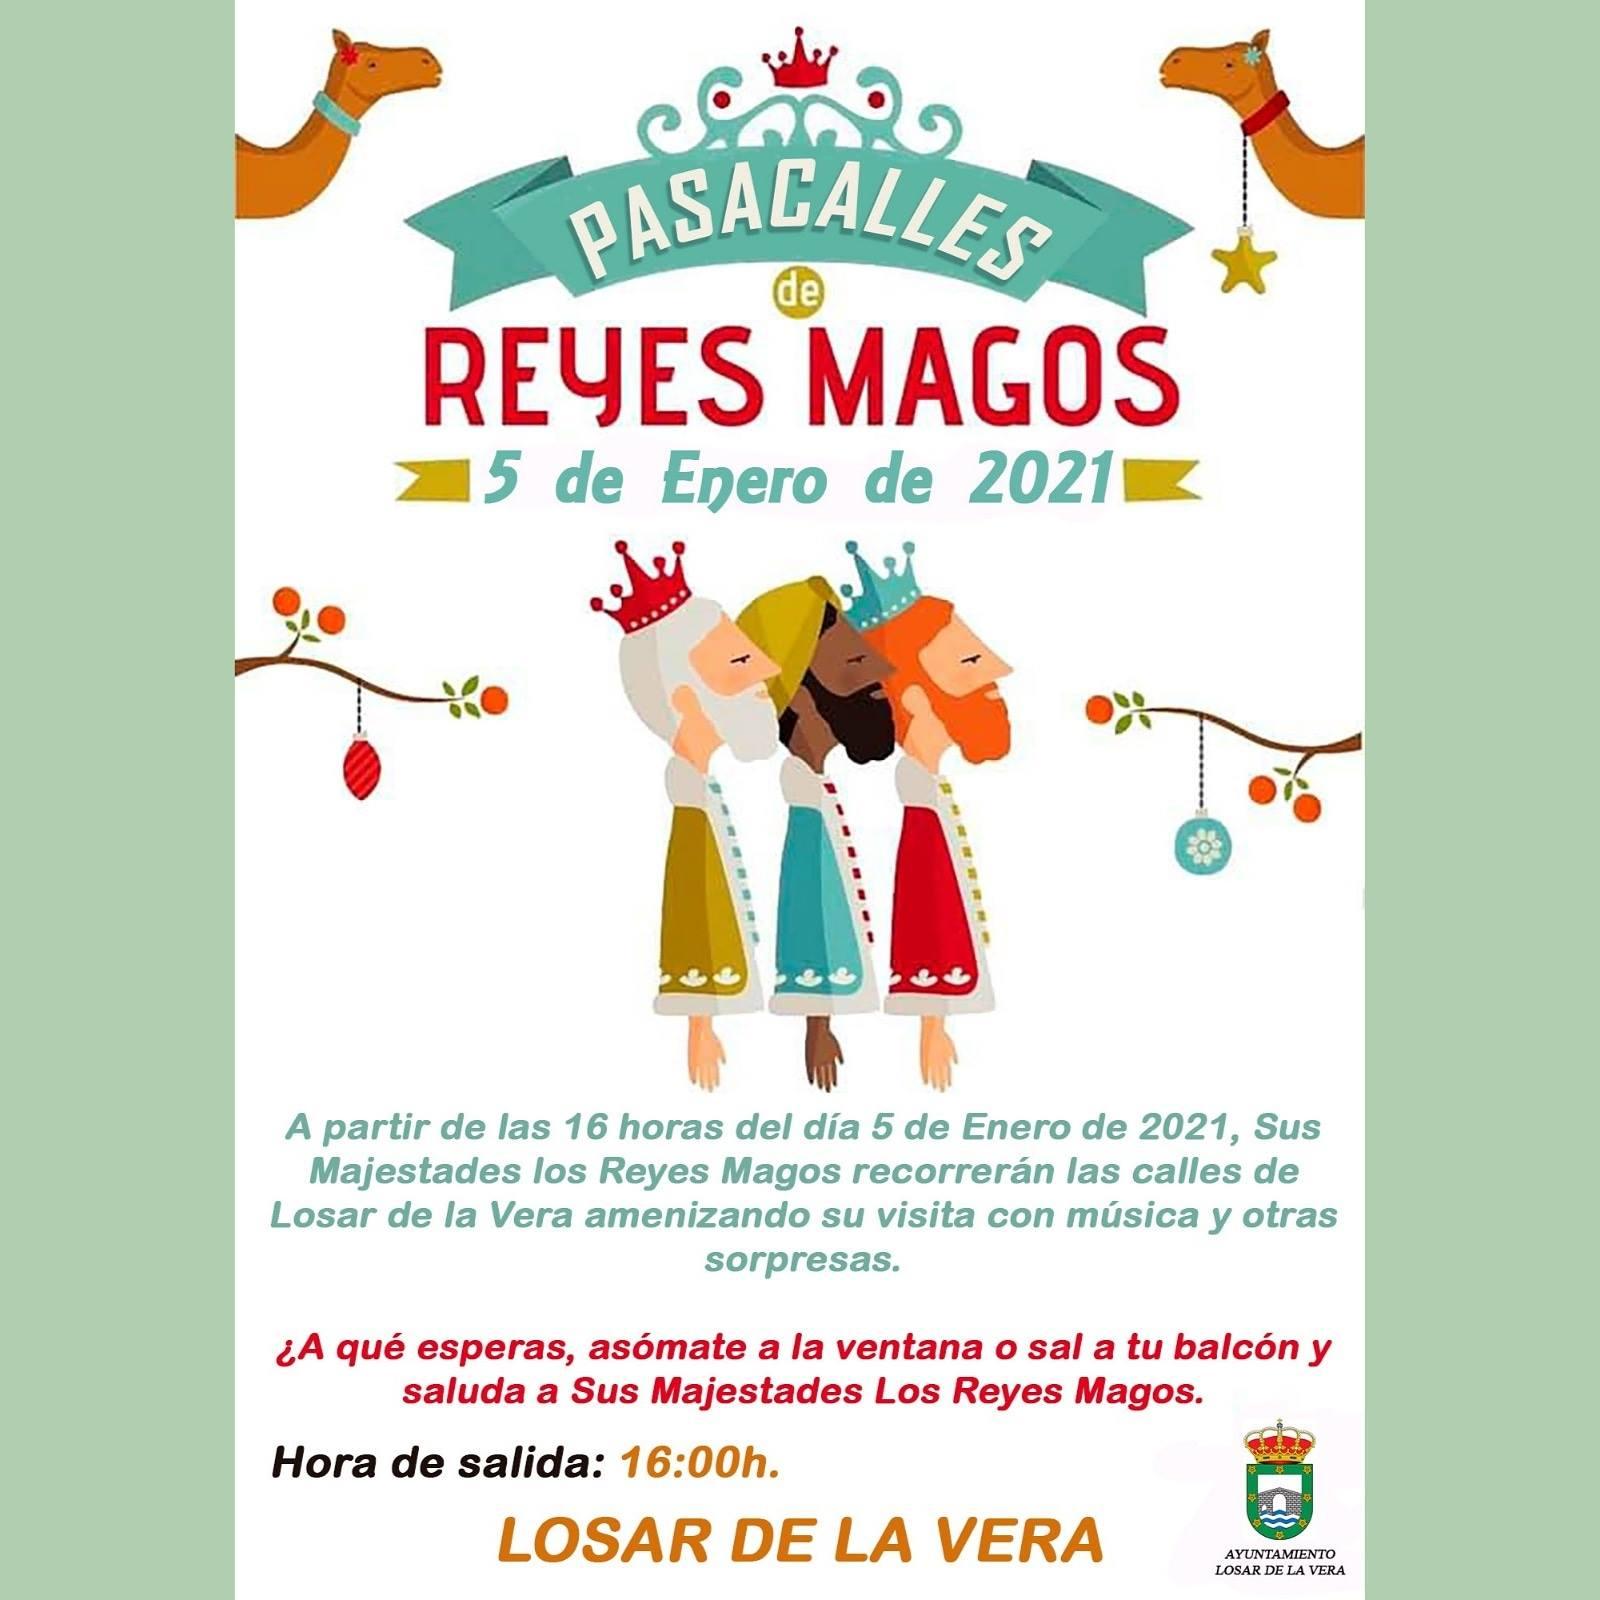 Pasacalles de Reyes Magos (2021) - Losar de la Vera (Cáceres)